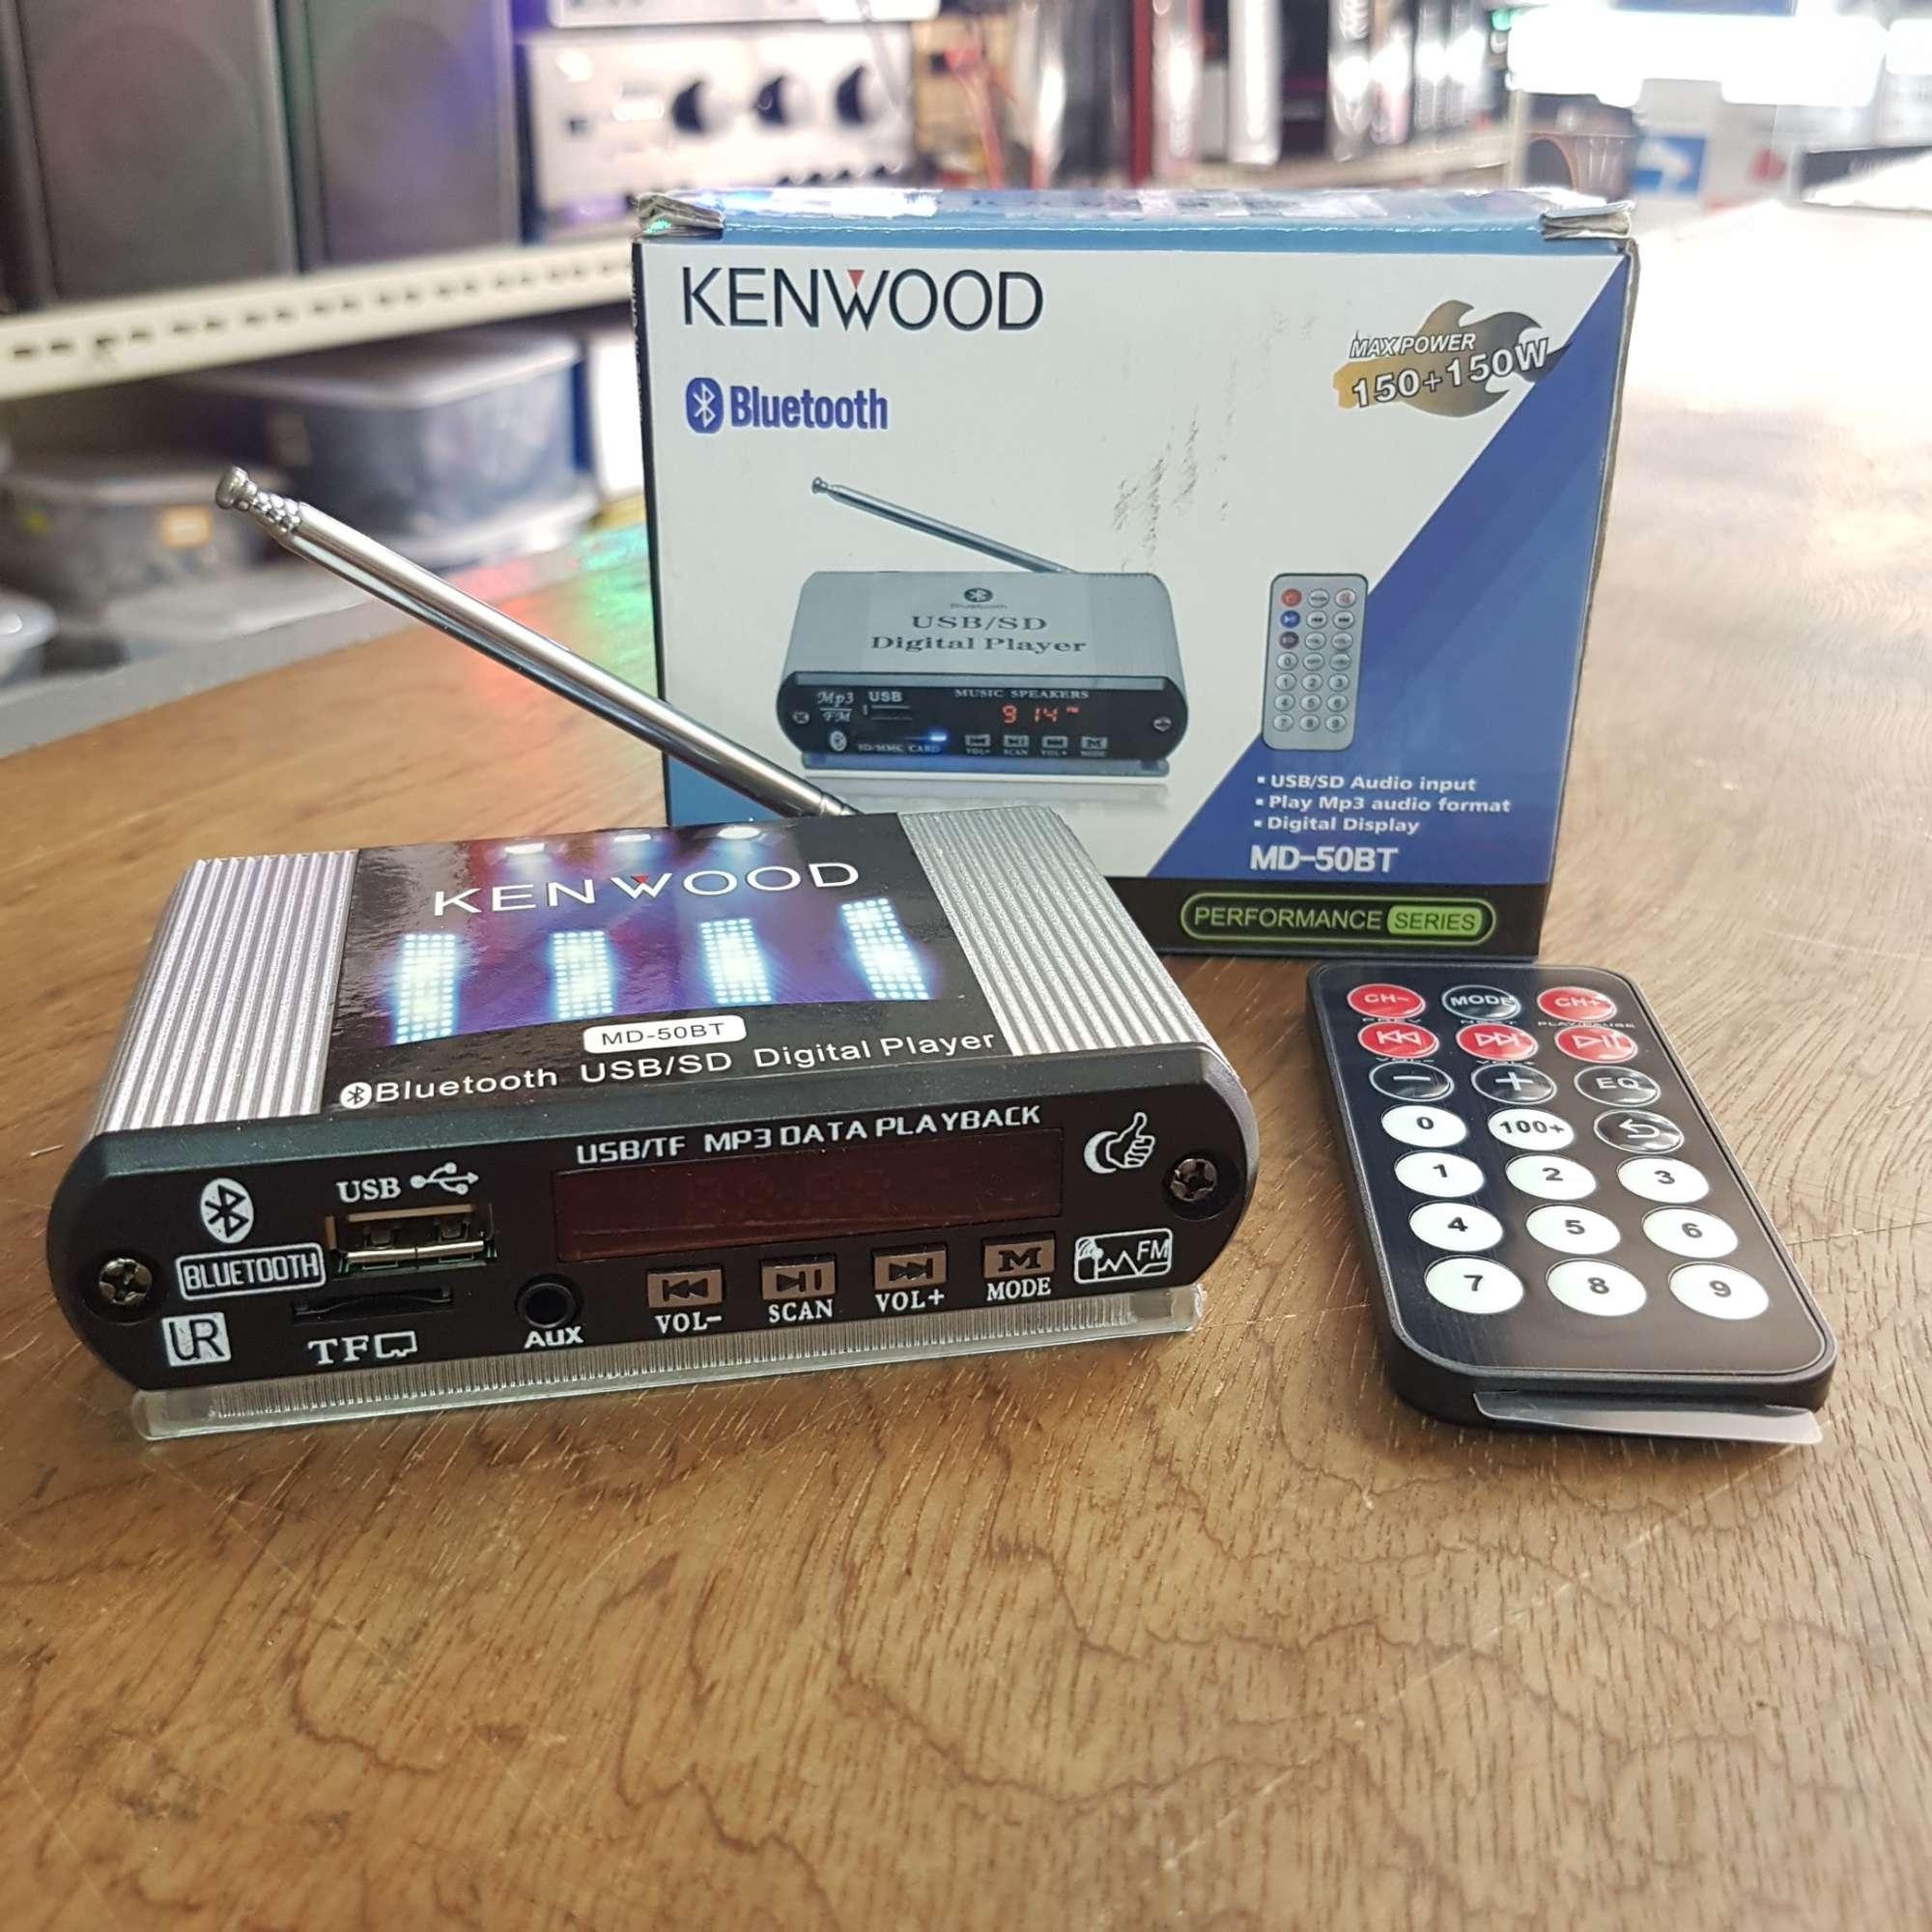 KENWOOD USB/SD/FM/BLUETOOTH DIGITAL PLAYER (MD-50BT)